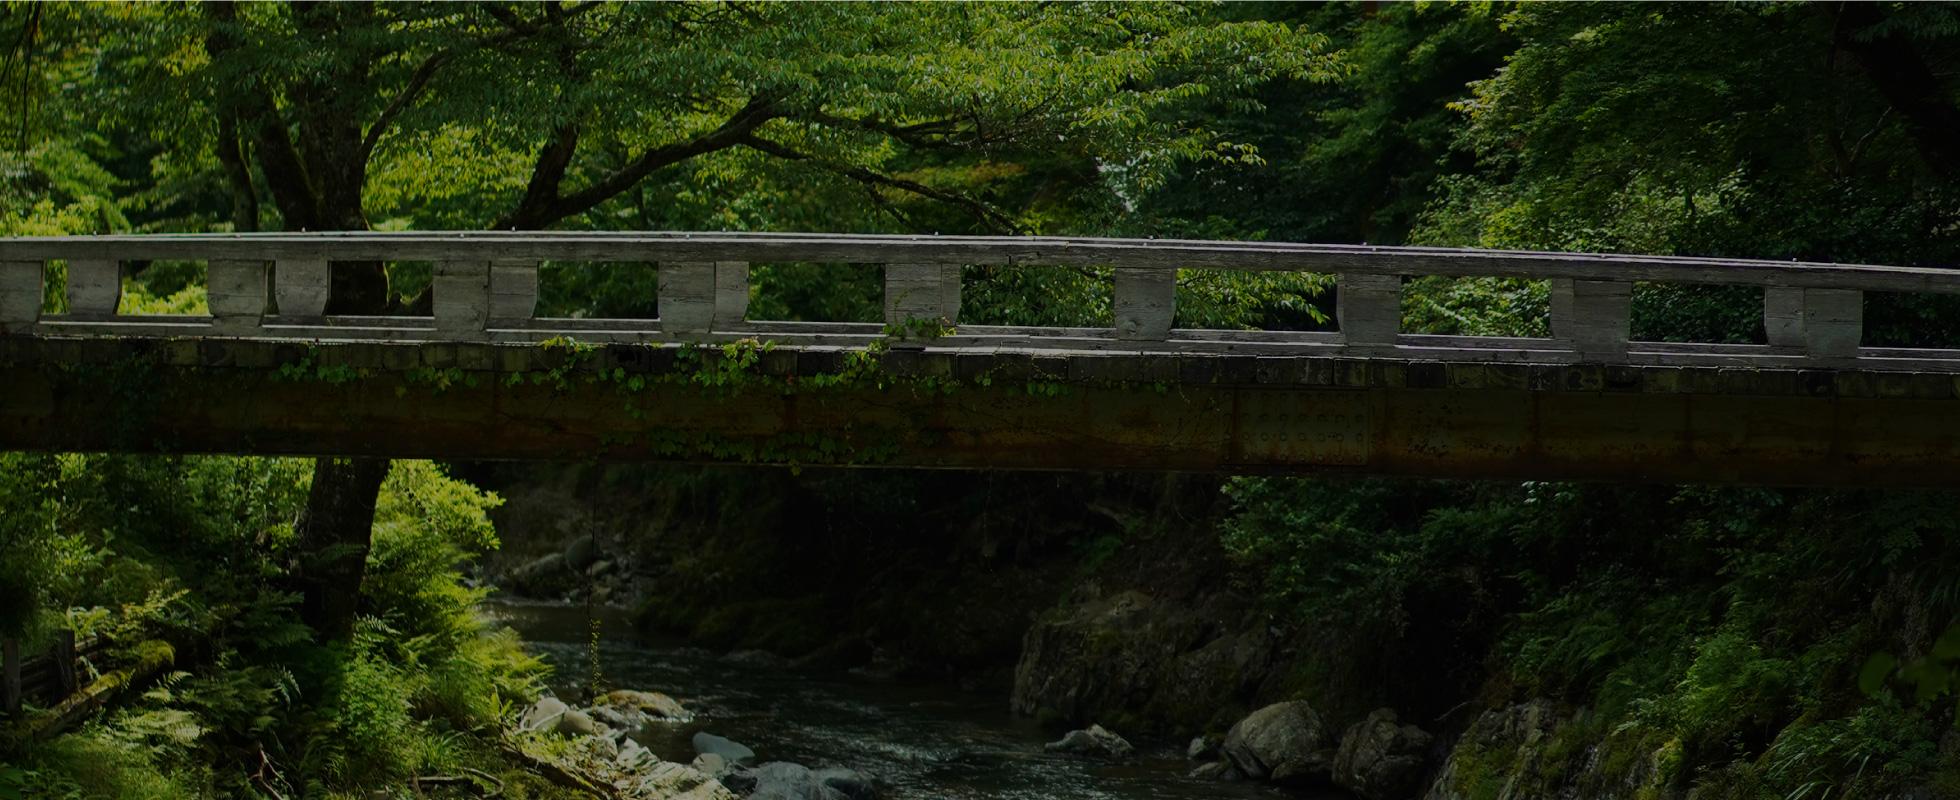 1.自然を敬い、自らを見つめる修験道